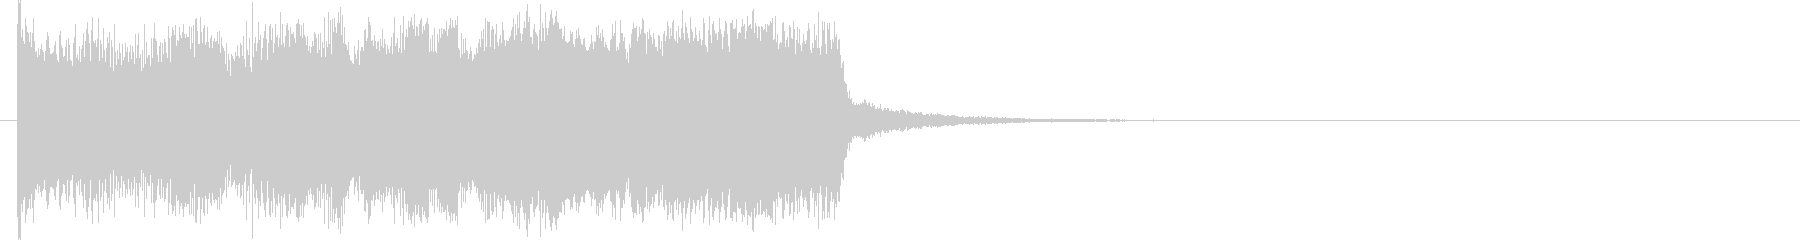 機械的な上昇音の未再生の波形